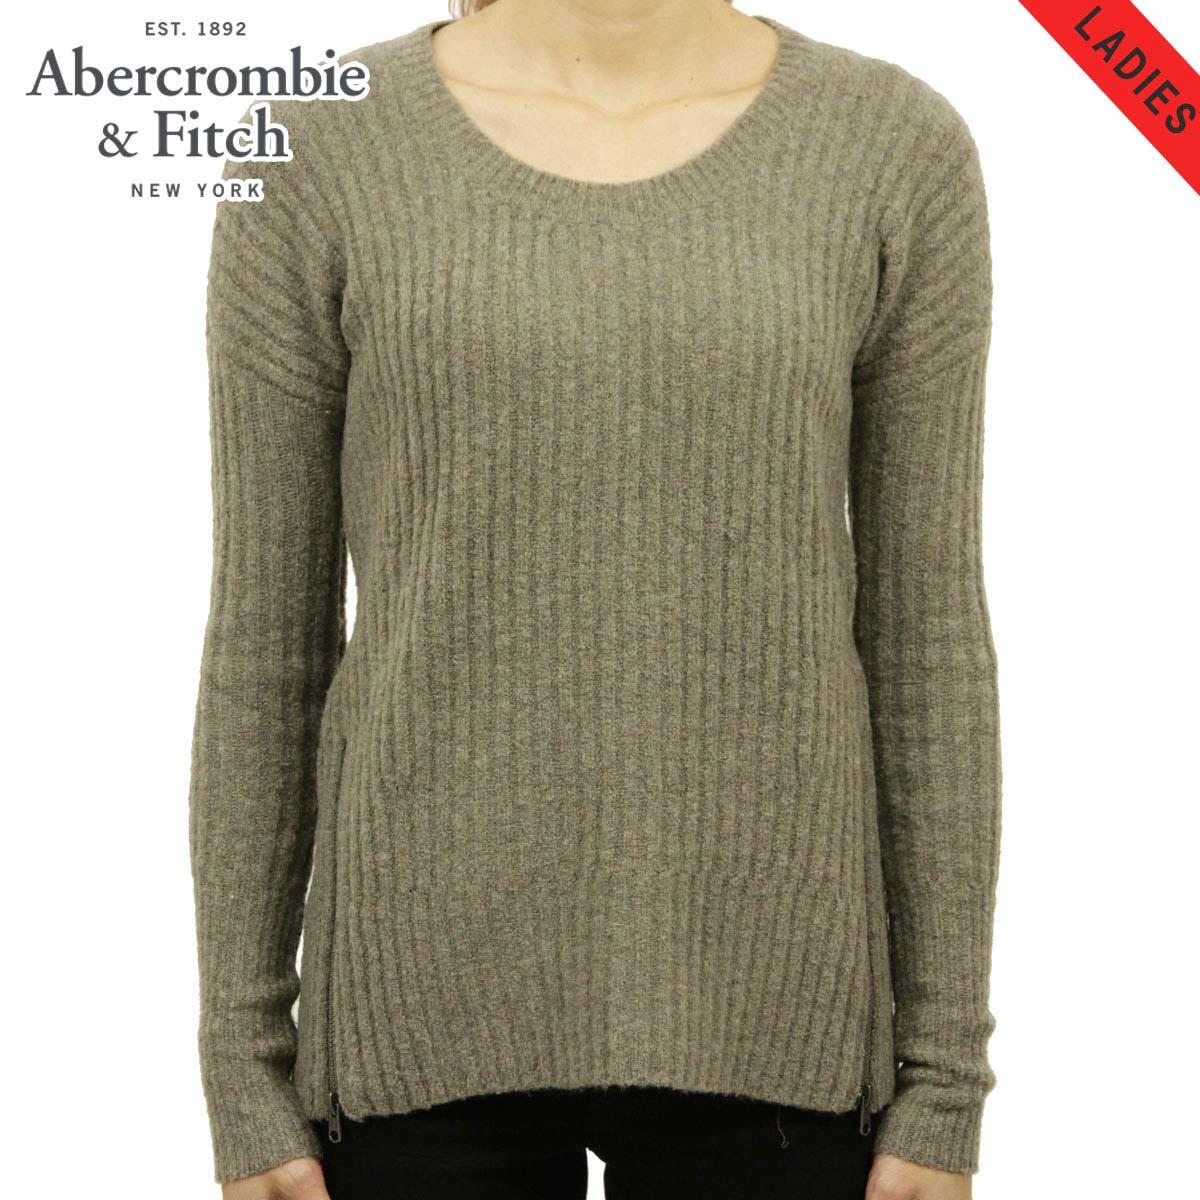 アバクロ セーター レディース 正規品 Abercrombie&Fitch RIBBED ZIP SWEATER 150-490-0662-400